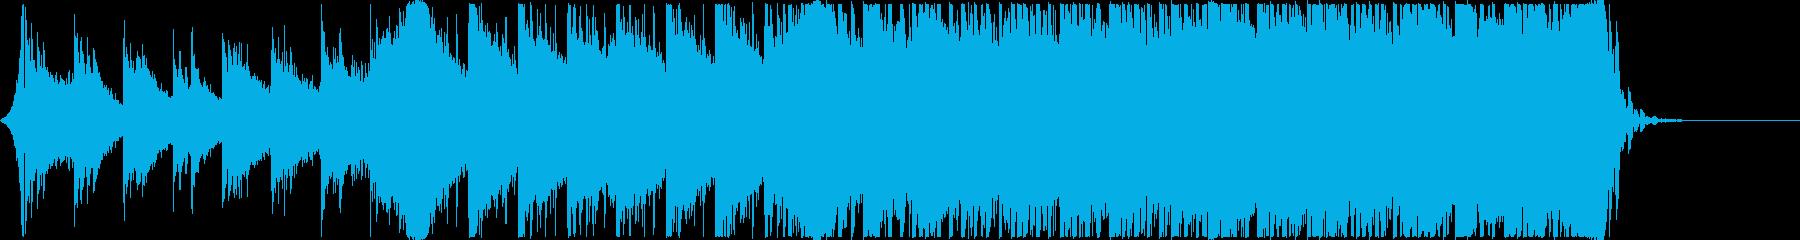 ゲーム・アニメCM用「始まり」系BGMの再生済みの波形